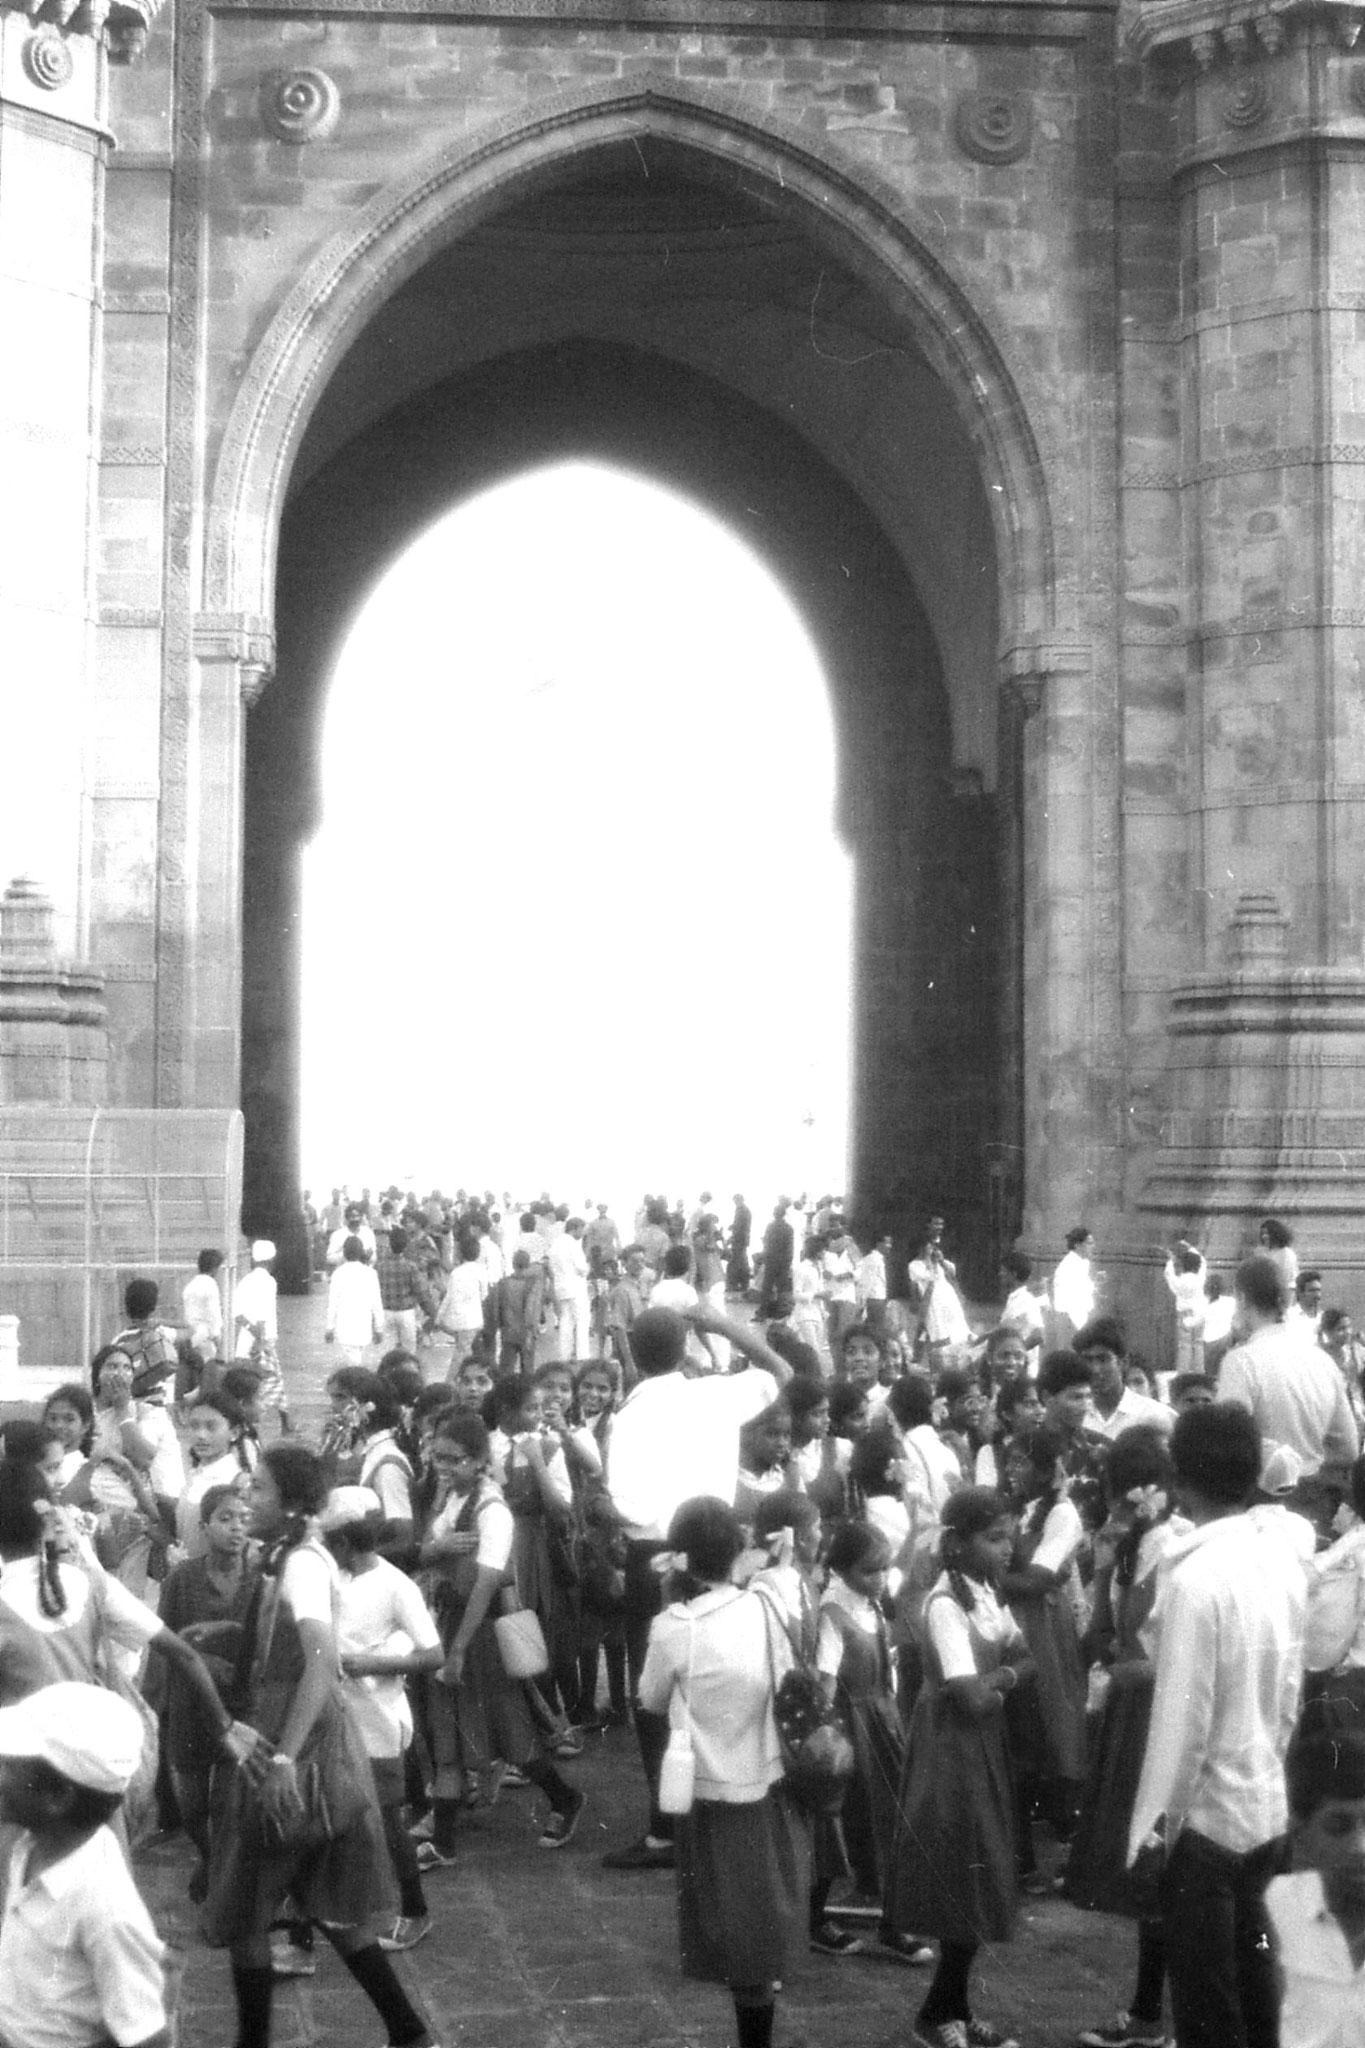 22/12/1989: 31: Bombay Gateway of India